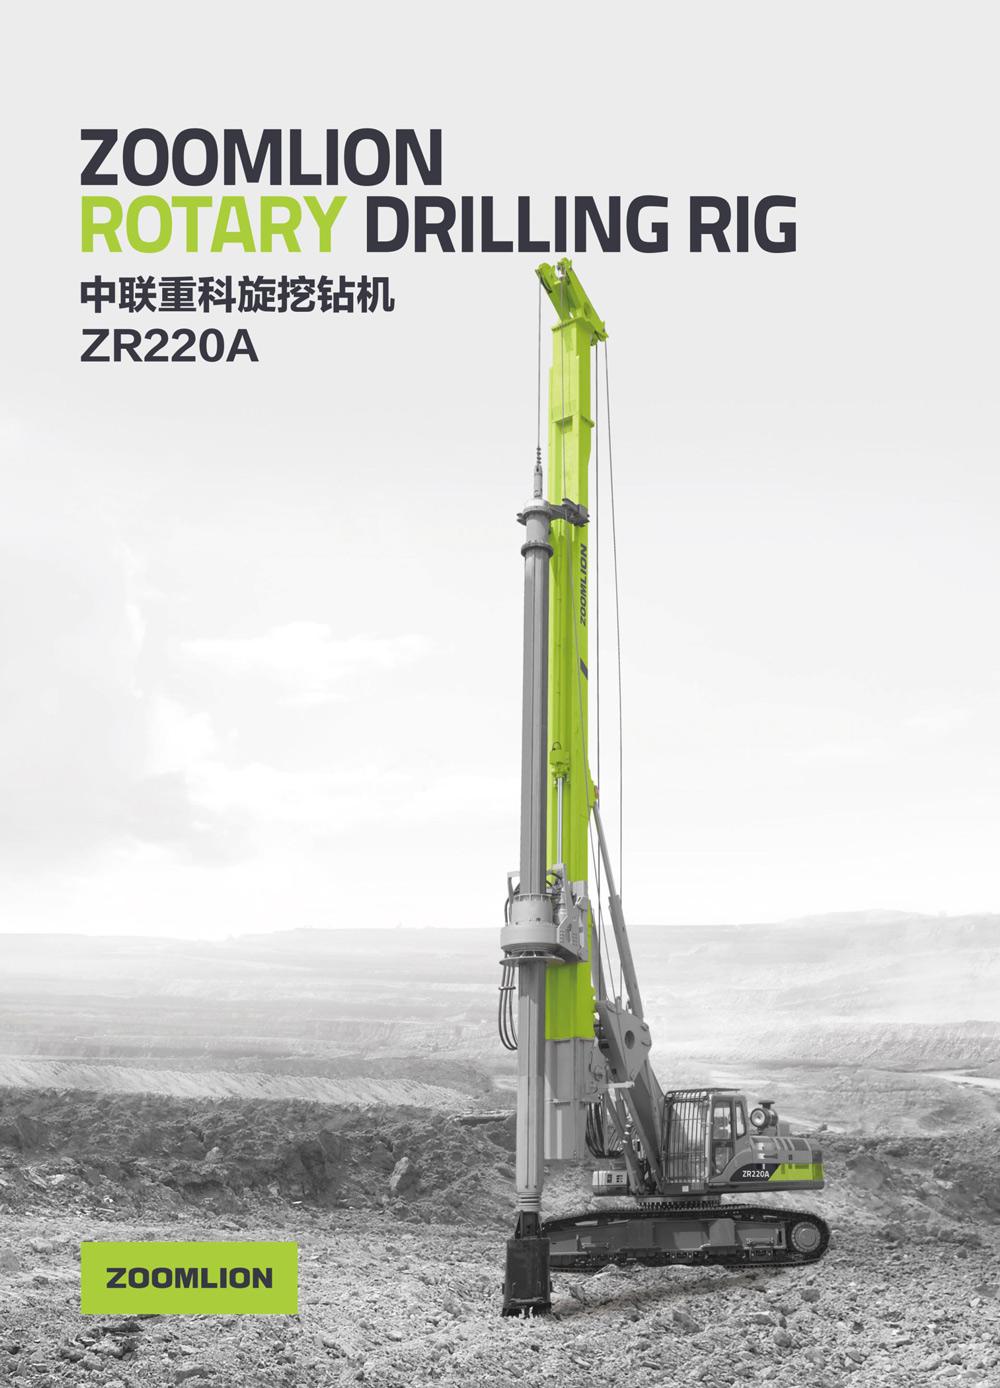 中联重科ZR220A旋挖钻机高清图 - 外观